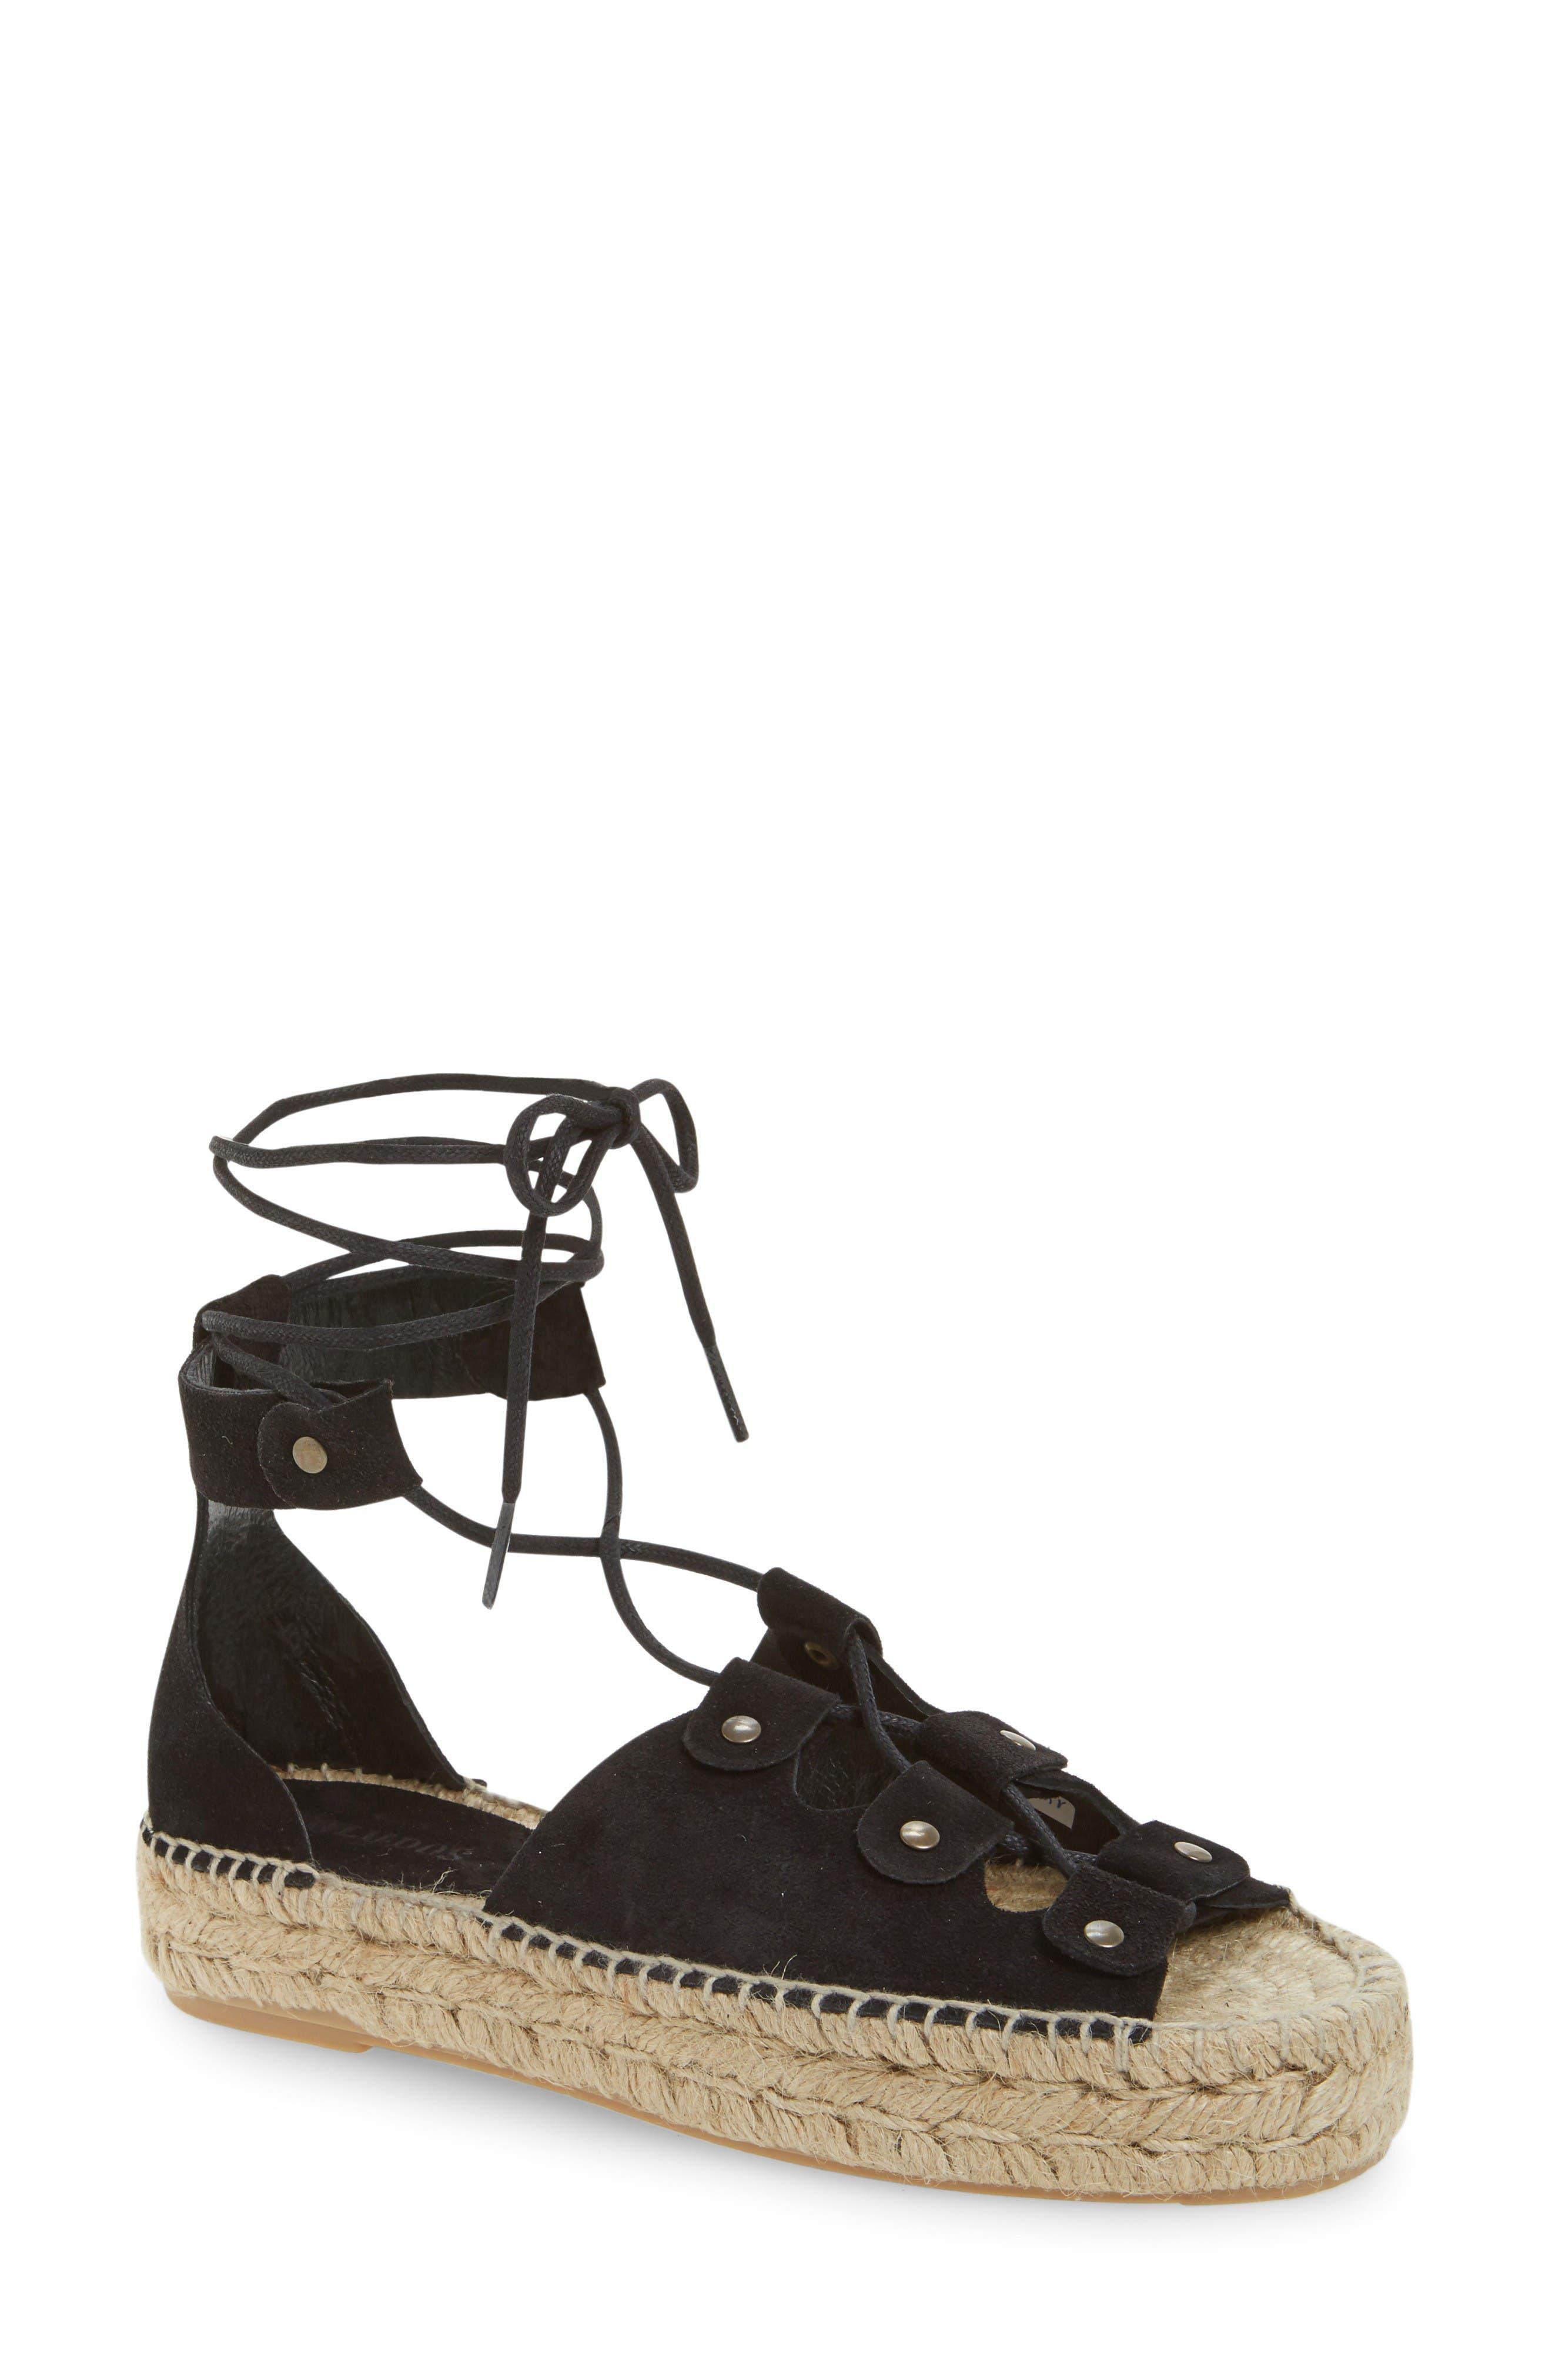 Ghillie Platform Sandal,                             Main thumbnail 1, color,                             Black Suede